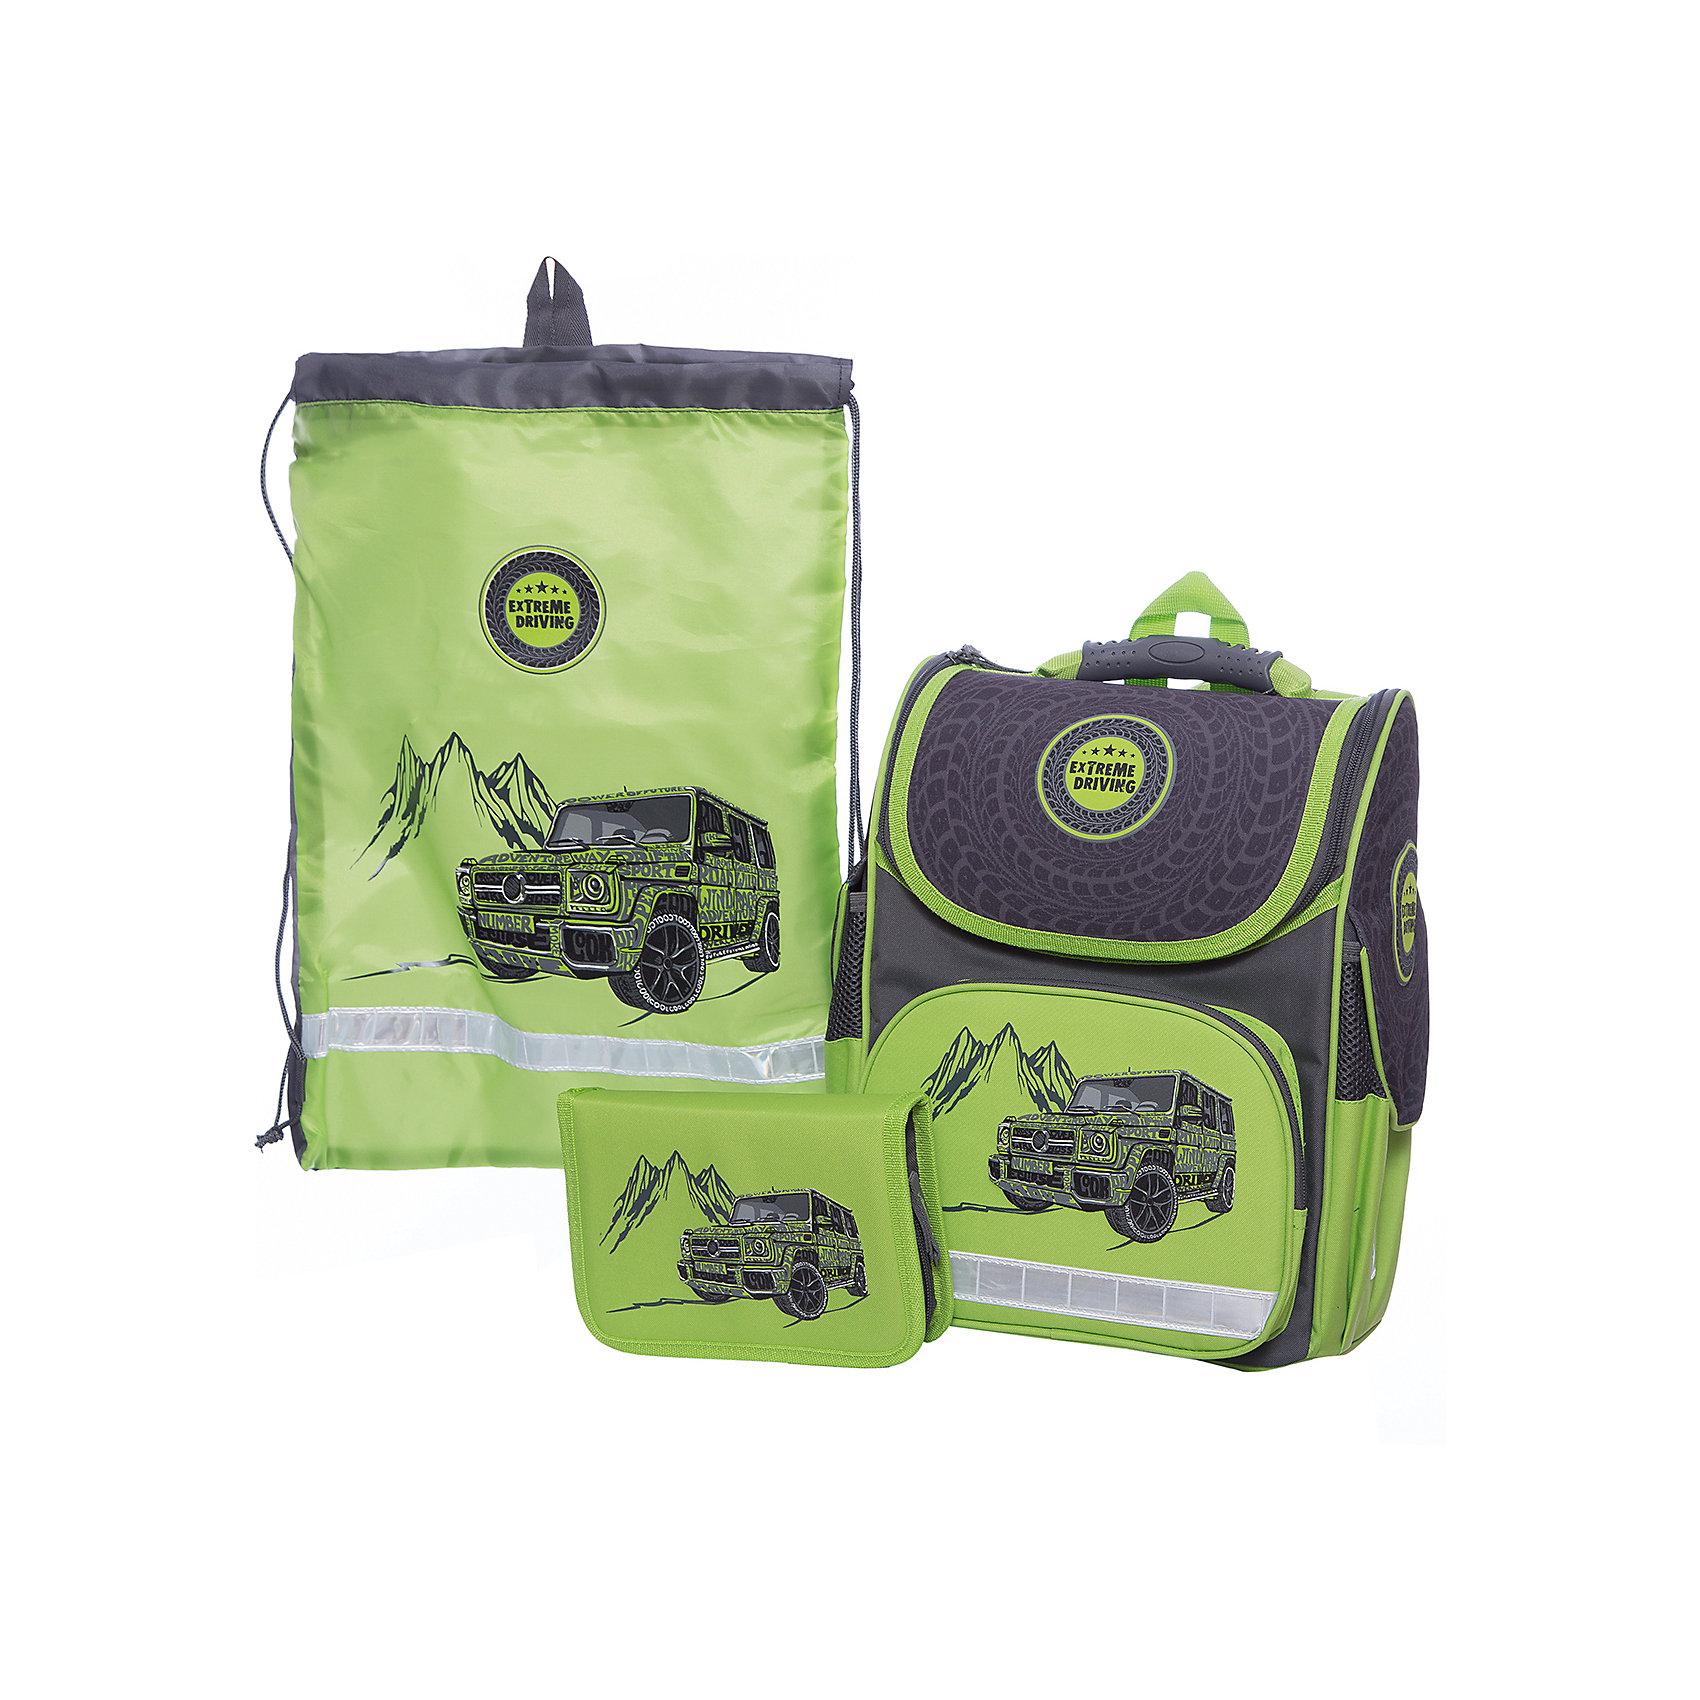 Ранец с наполнением Джип на зеленом Феникс+Ранцы<br>Набор для школьника ДЖИП НА ЗЕЛЕНОМ (ранец (полиэстер), пенал (без наполнения), мешок для обуви: (ранец: 35x26x15см,  пенал: 20x13.3x3.5см, мешок для обуви: 36x48см. Набор в подарочной картонной коробке с ПВХ-окном)<br><br>Ширина мм: 300<br>Глубина мм: 190<br>Высота мм: 370<br>Вес г: 1540<br>Возраст от месяцев: 72<br>Возраст до месяцев: 2147483647<br>Пол: Унисекс<br>Возраст: Детский<br>SKU: 7046252